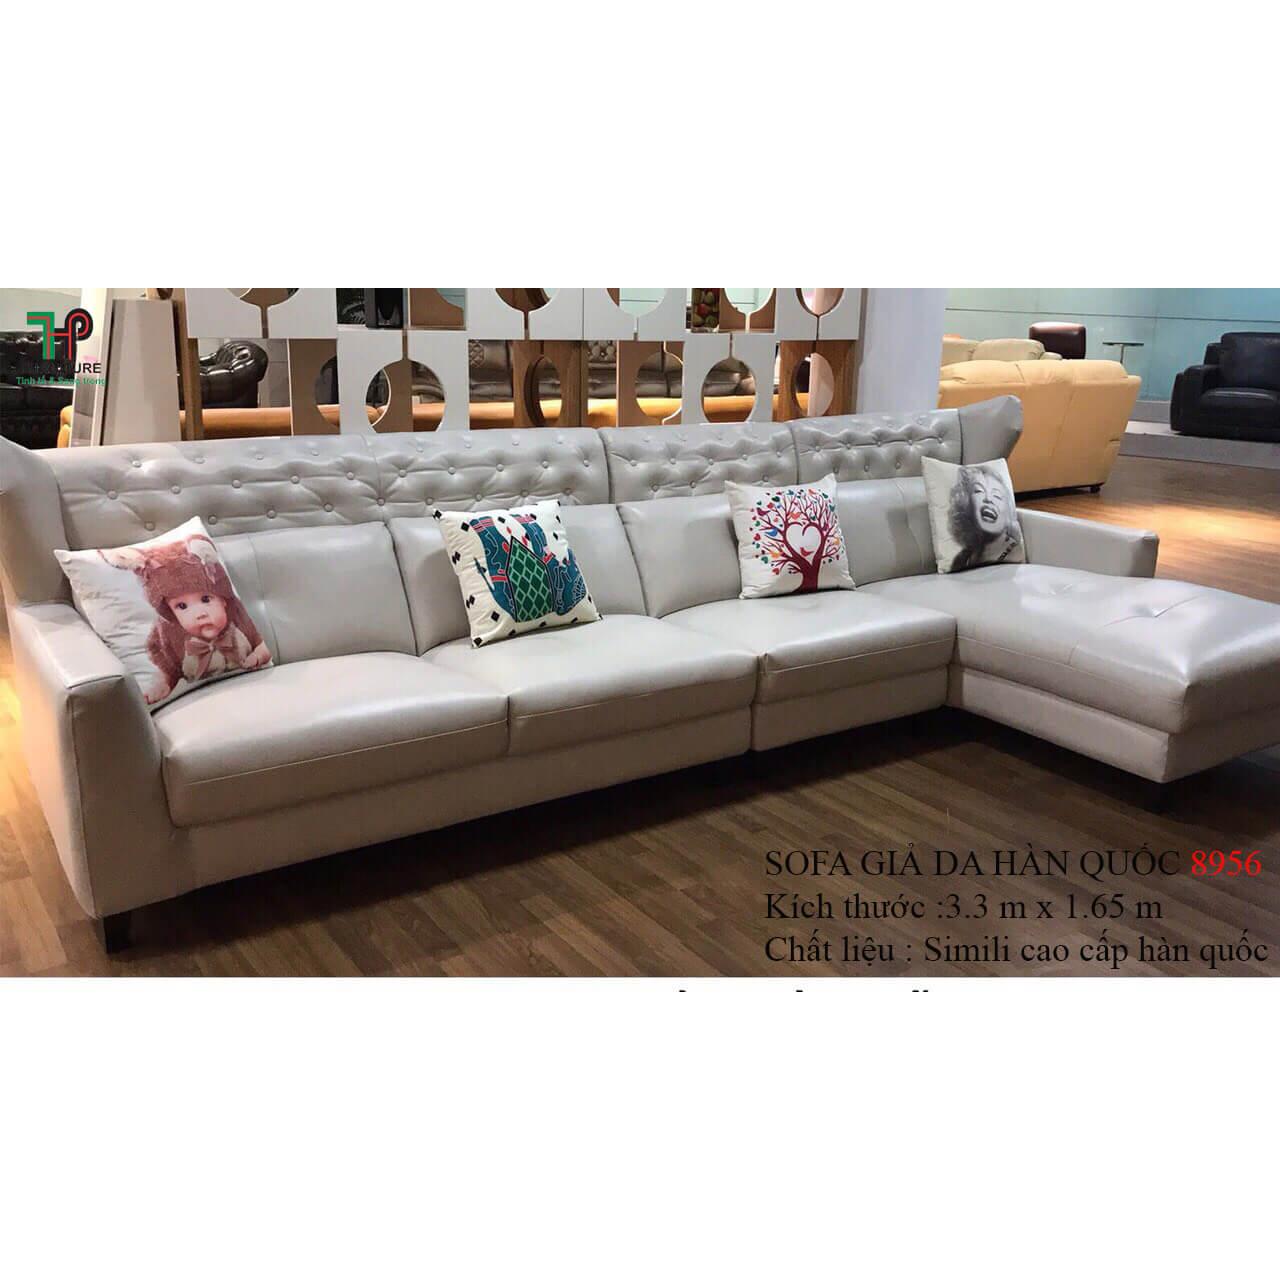 ghe-sofa-phong-khach-1.jpg